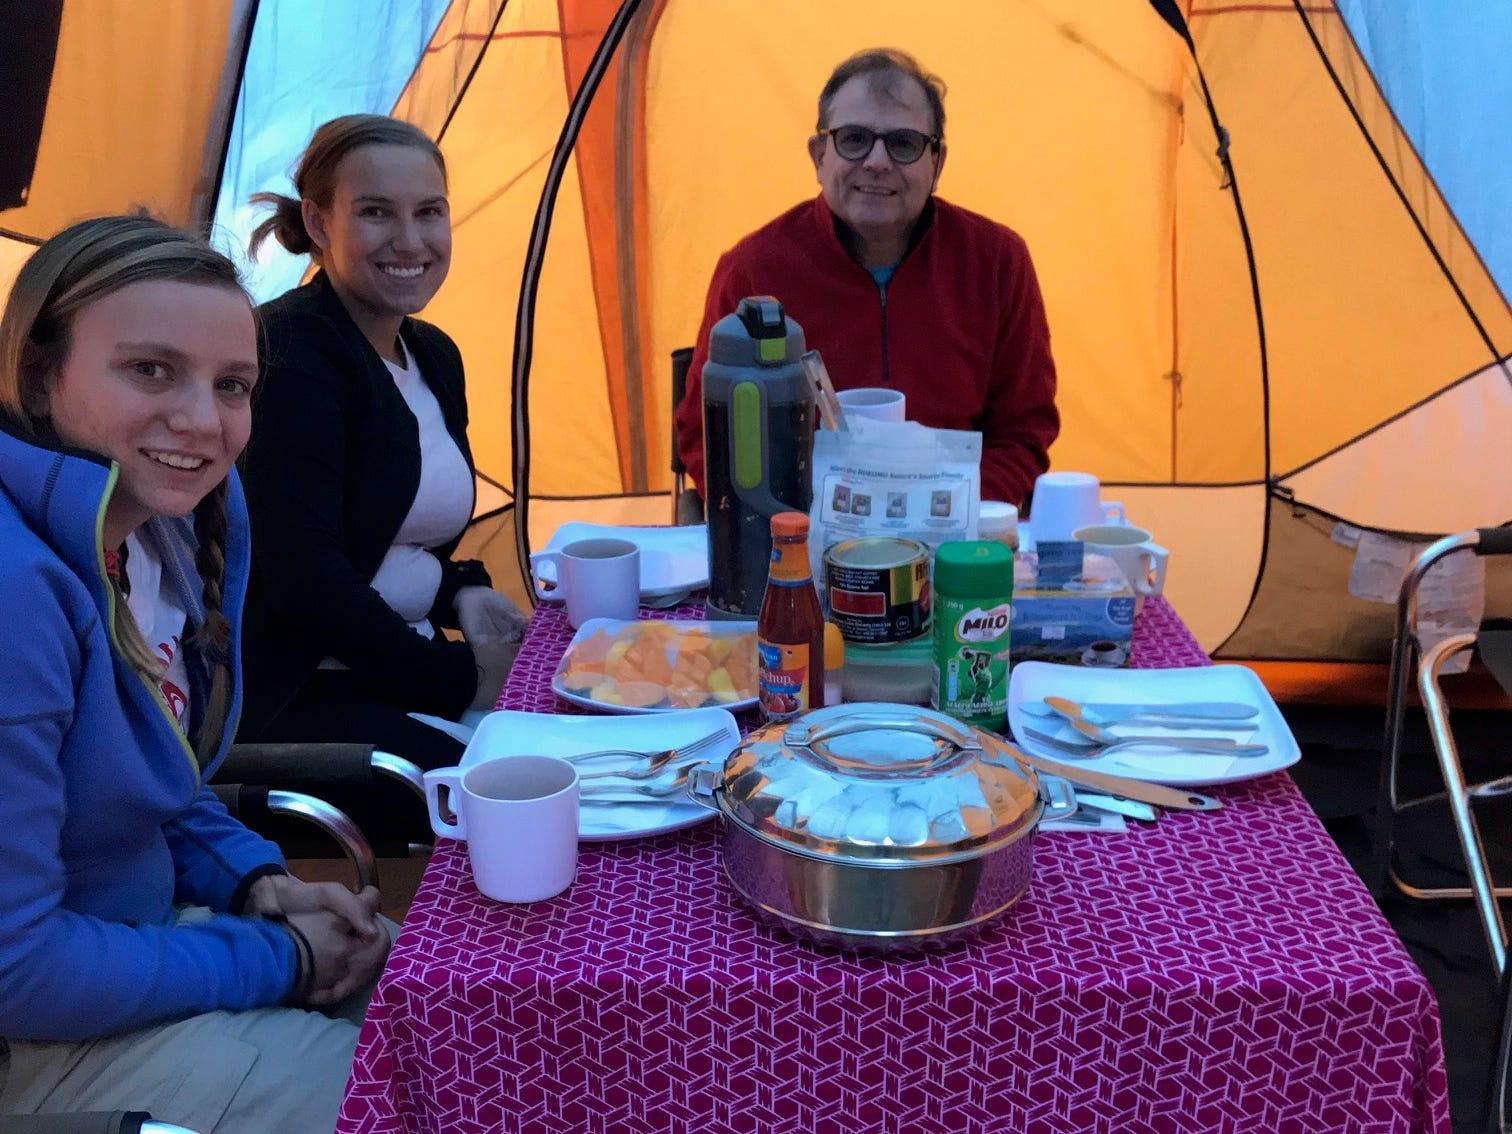 Family dining tent, Jordan, Elliott and John Grantz, Mount Kilimanjaro, Tanzania